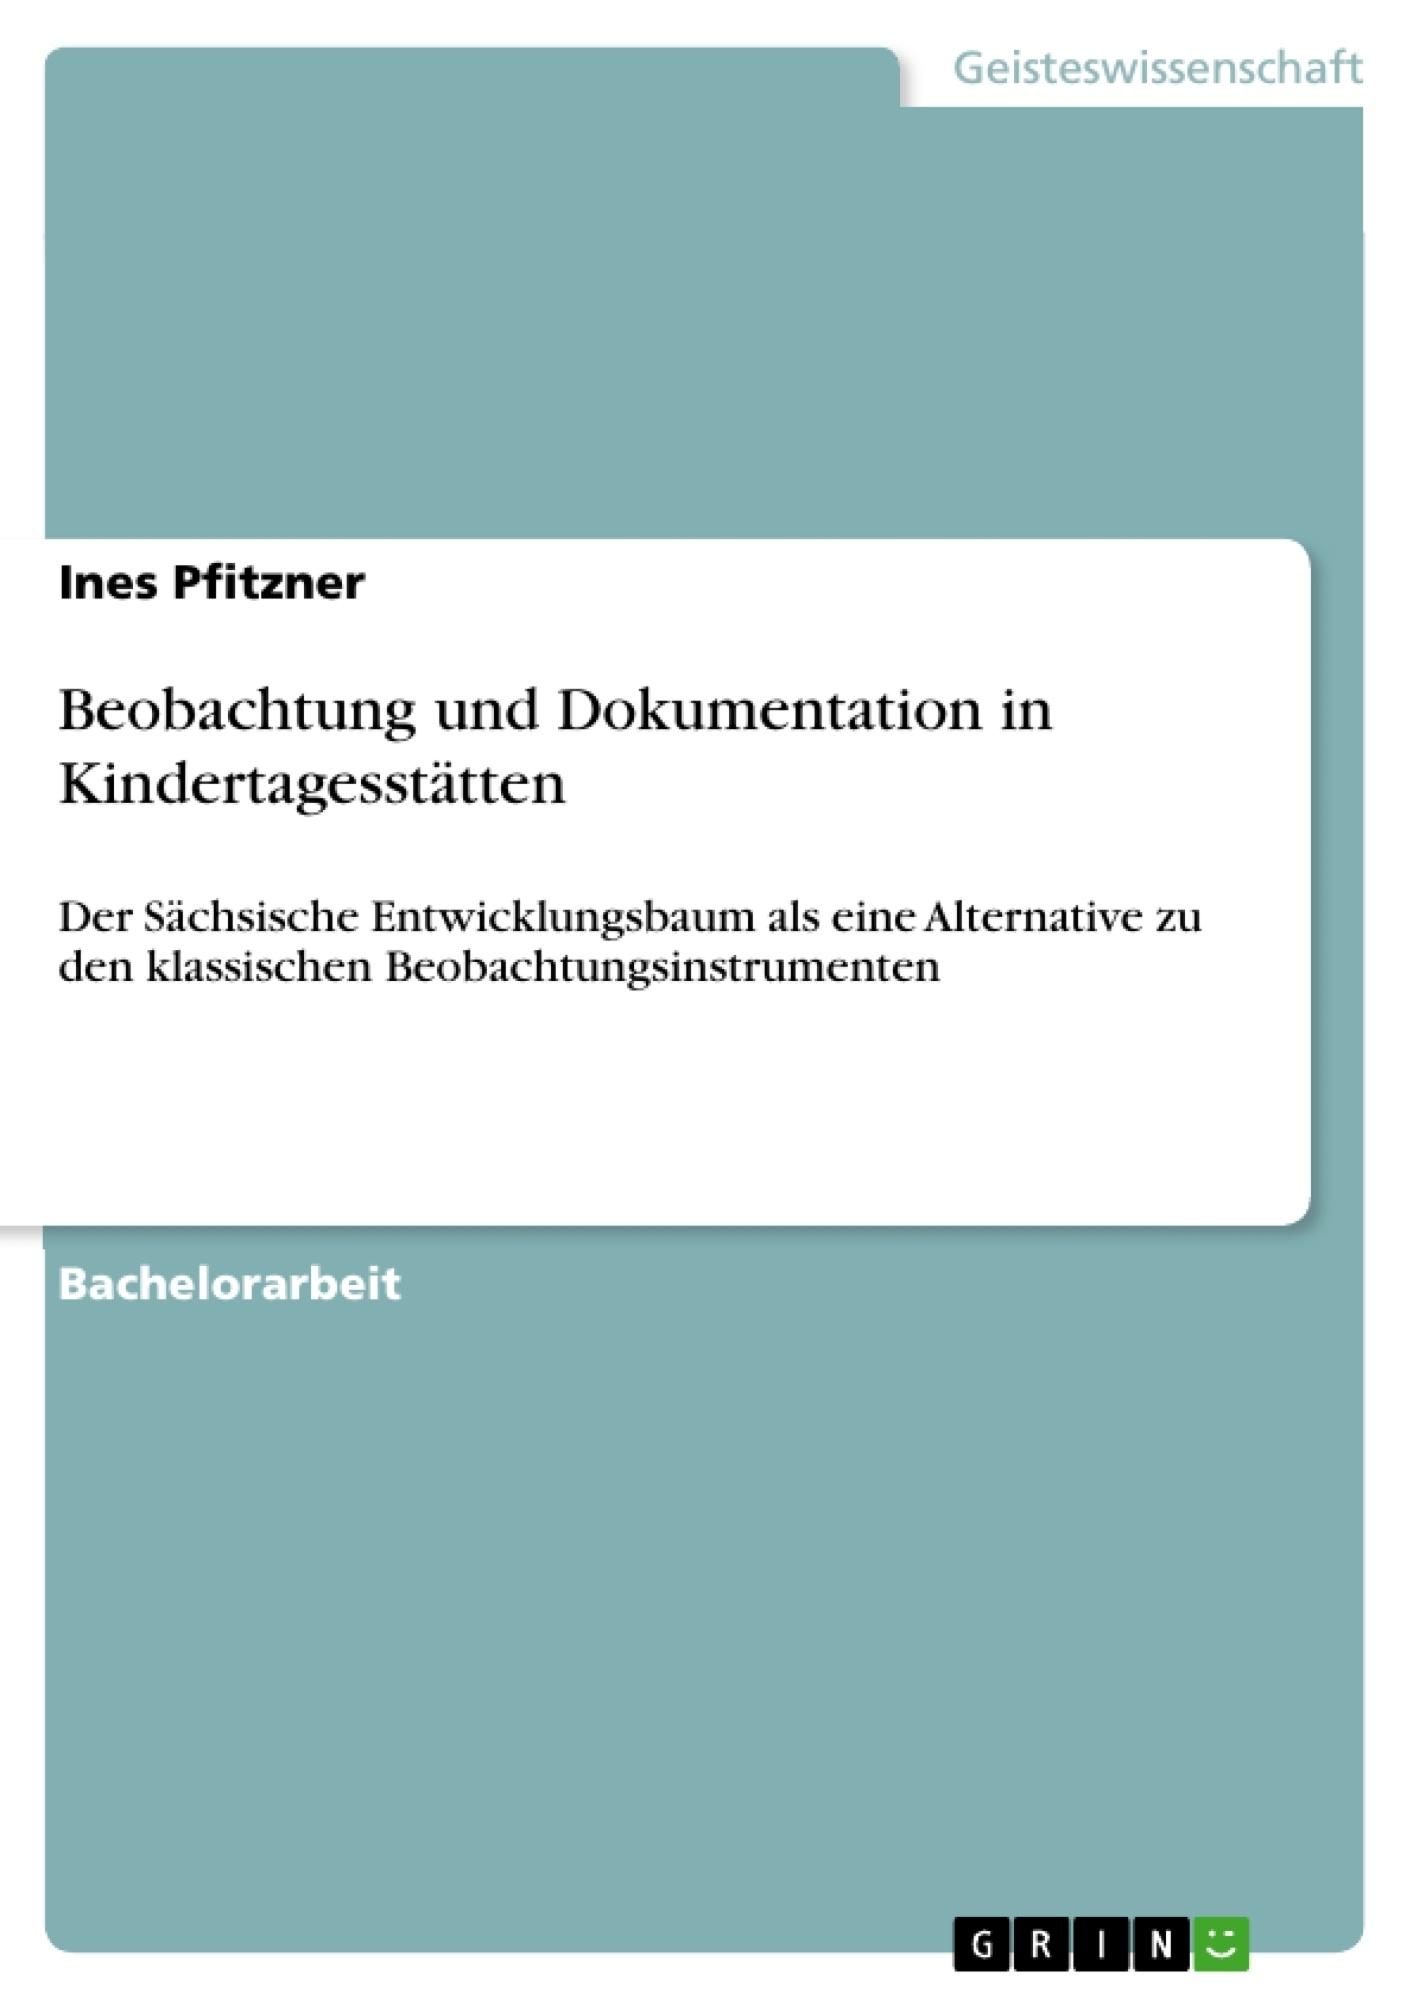 Titel: Beobachtung und Dokumentation in Kindertagesstätten